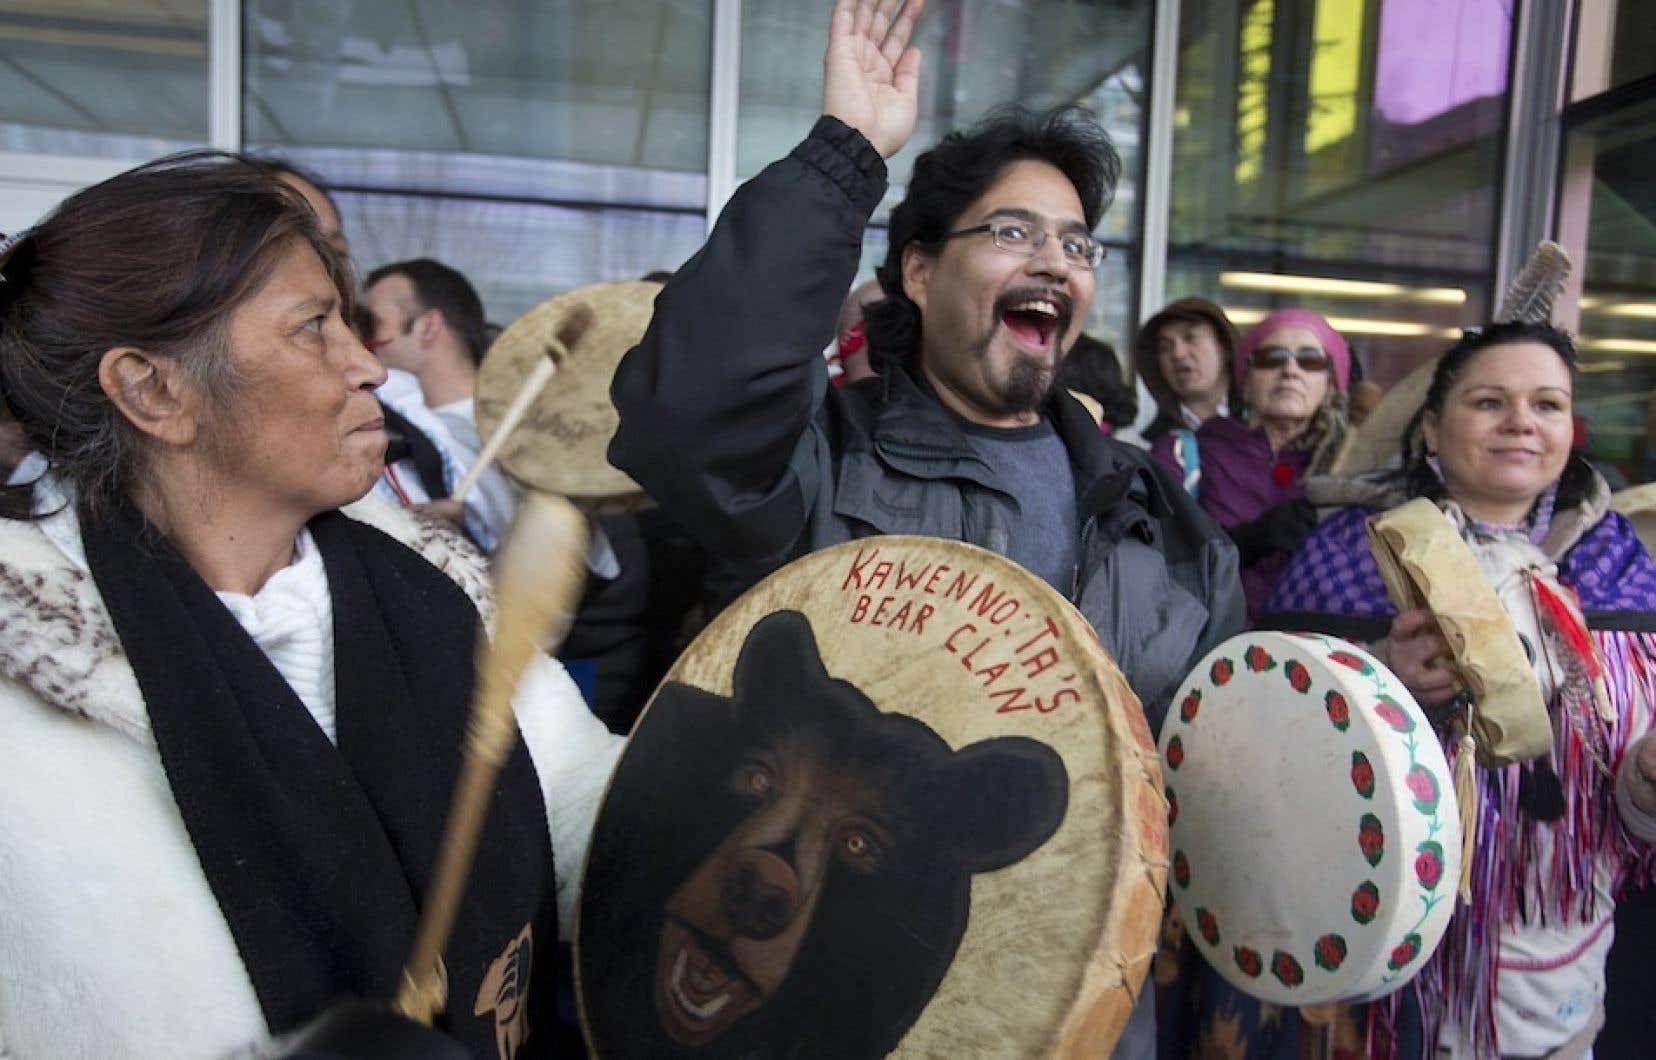 Un millier de personnes ont manifesté à Montréal en appui au mouvement Idle No More. Sous les odeurs d'encens qui accompagnaient les chants ancestraux, les discours des porte-parole étaient parsemés d'appels à la solidarité.